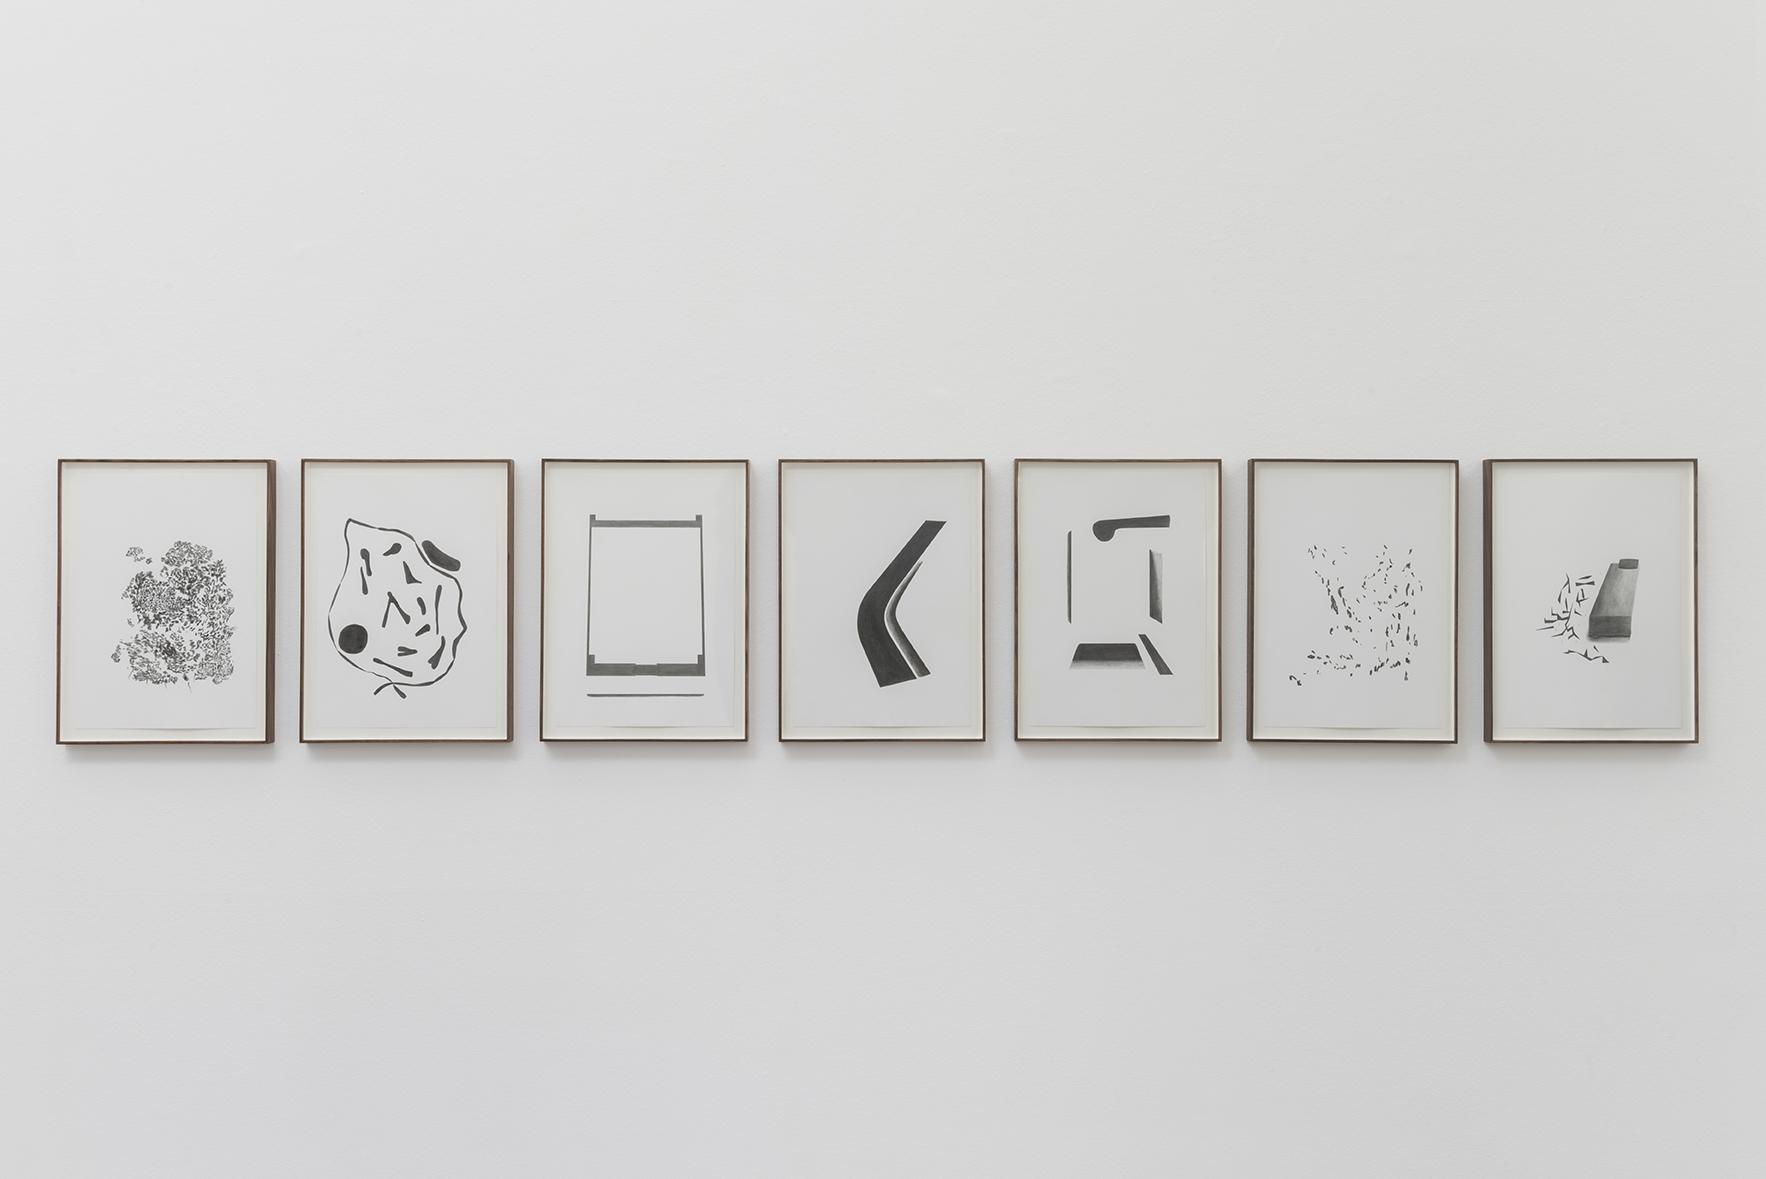 La Vida Abstracta de Billy Murcia, 2015. (Detail) | La Vida Abstracta de Billy Murcia | ProjecteSD